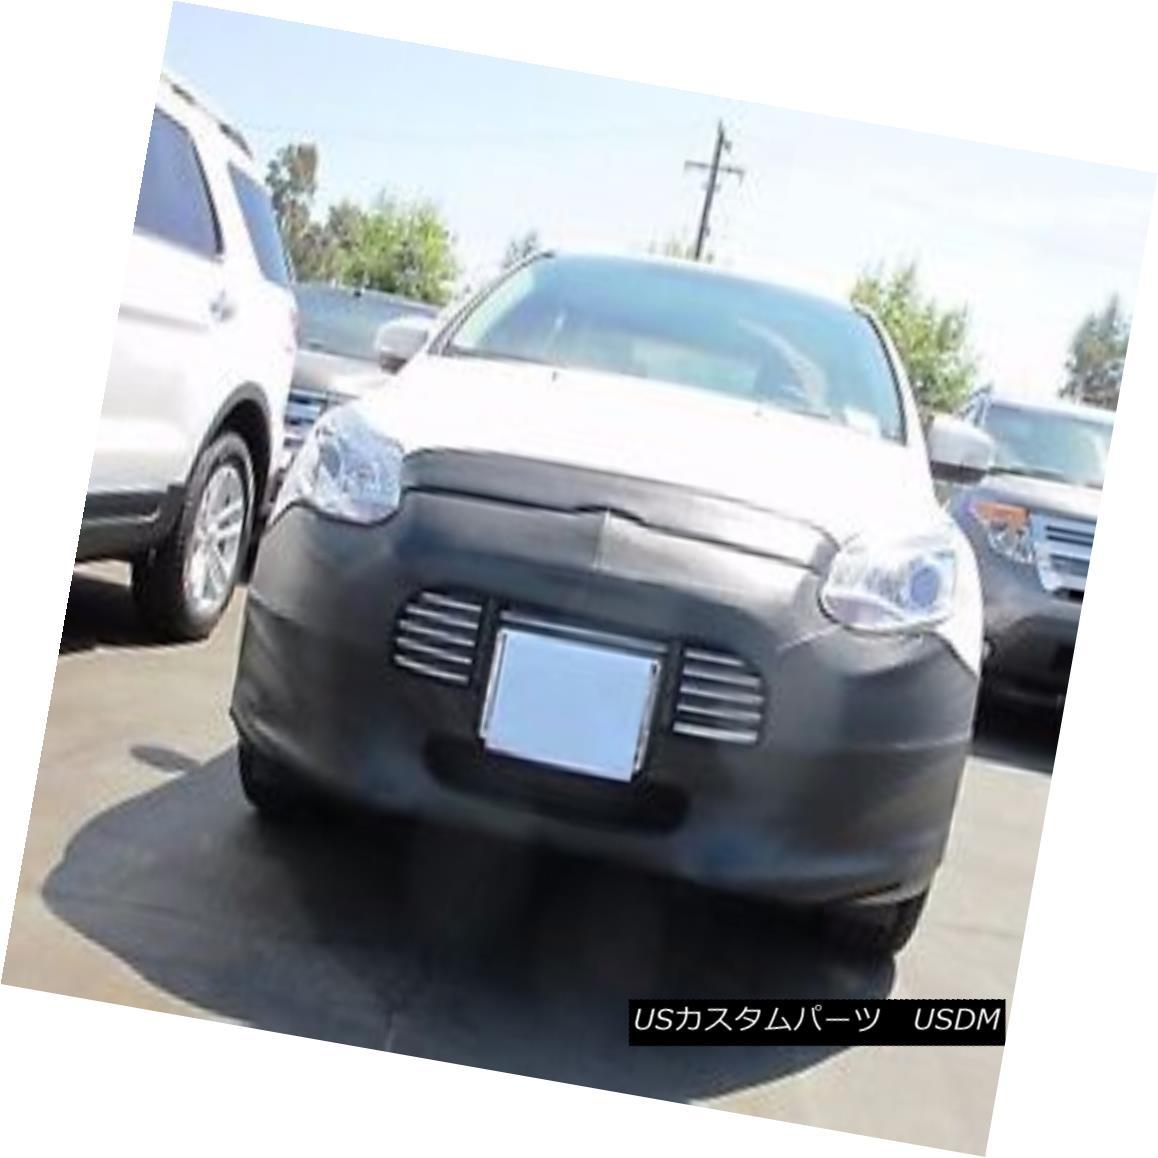 フルブラ ノーズブラ Colgan Front End Mask Bra 2pc. Fits Ford Focus Electric 2012-2014 W/O License  コルガンフロントエンドマスクブラ2pc Ford Focus Electric 2012-2014 W / Oライセンスに適合